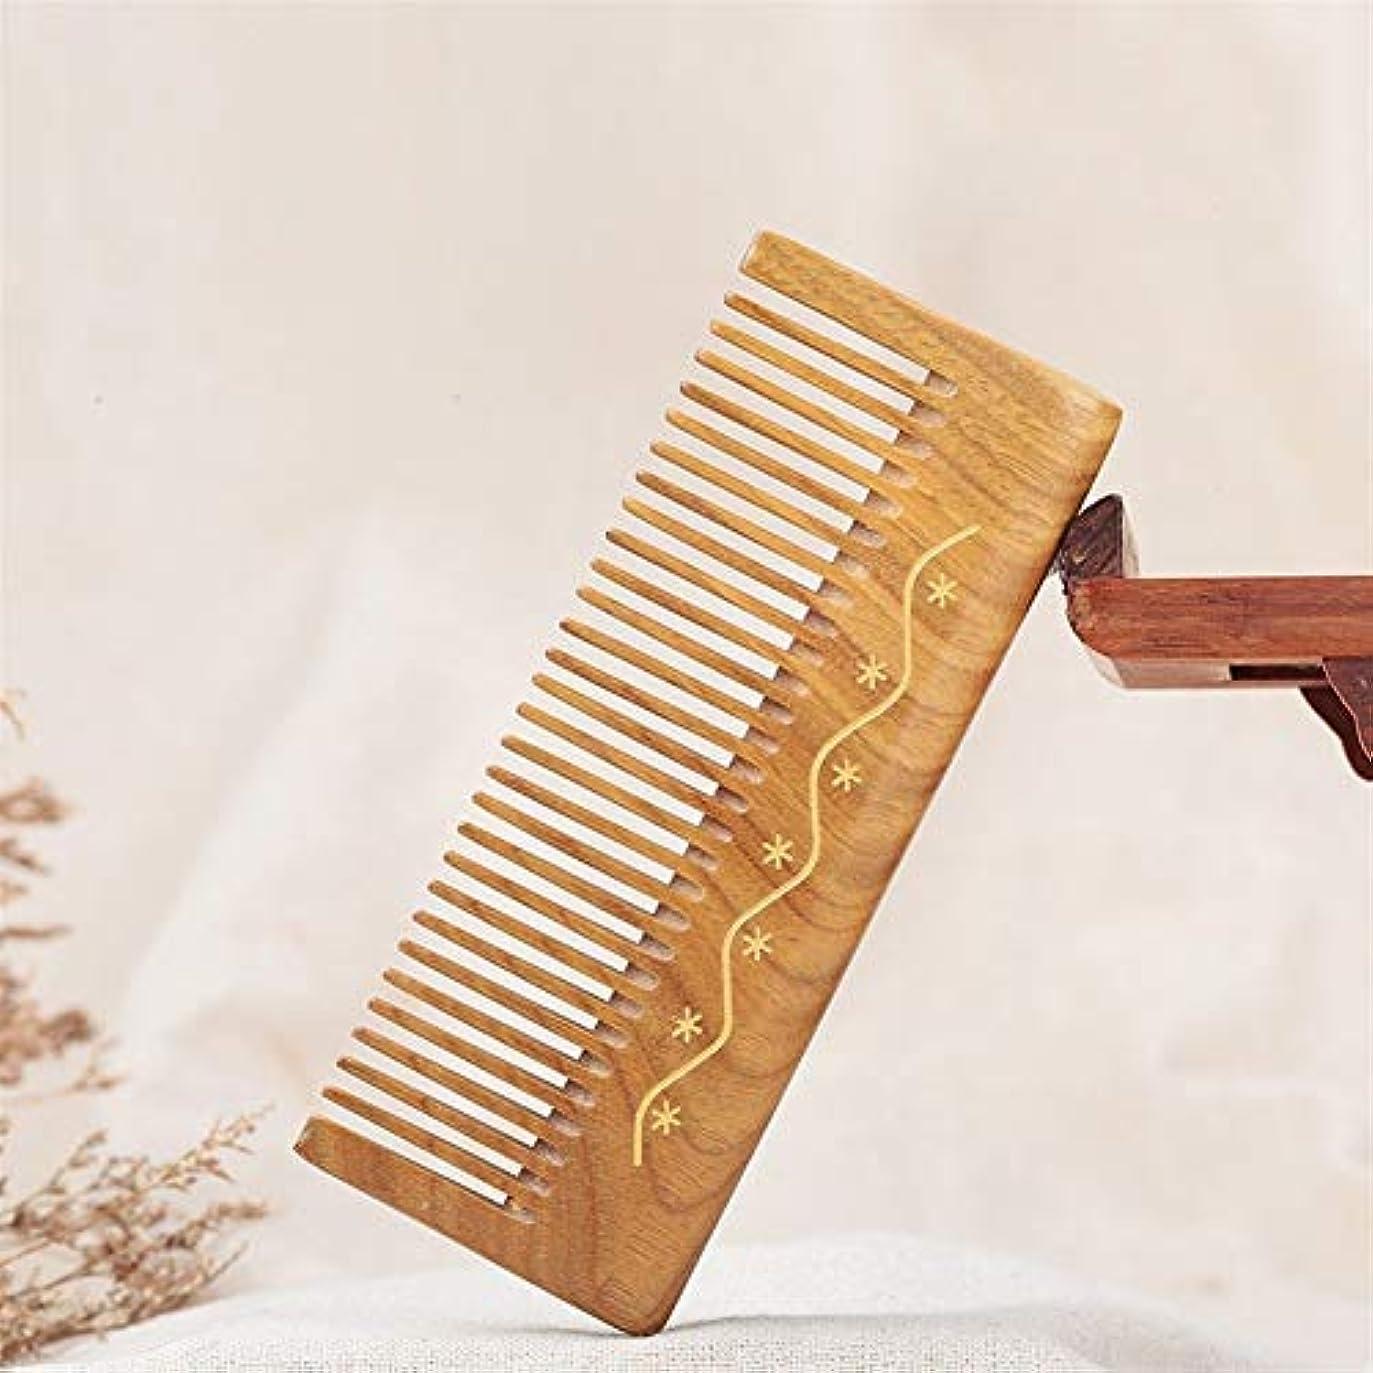 ルームはっきりしないダイジェストGuomao グリーンサンダルウッドコームナチュラルサンダルウッド木製コーム肥厚ジェイドサンダルウッドコーム (Size : 12.5*4.6*1 cm)